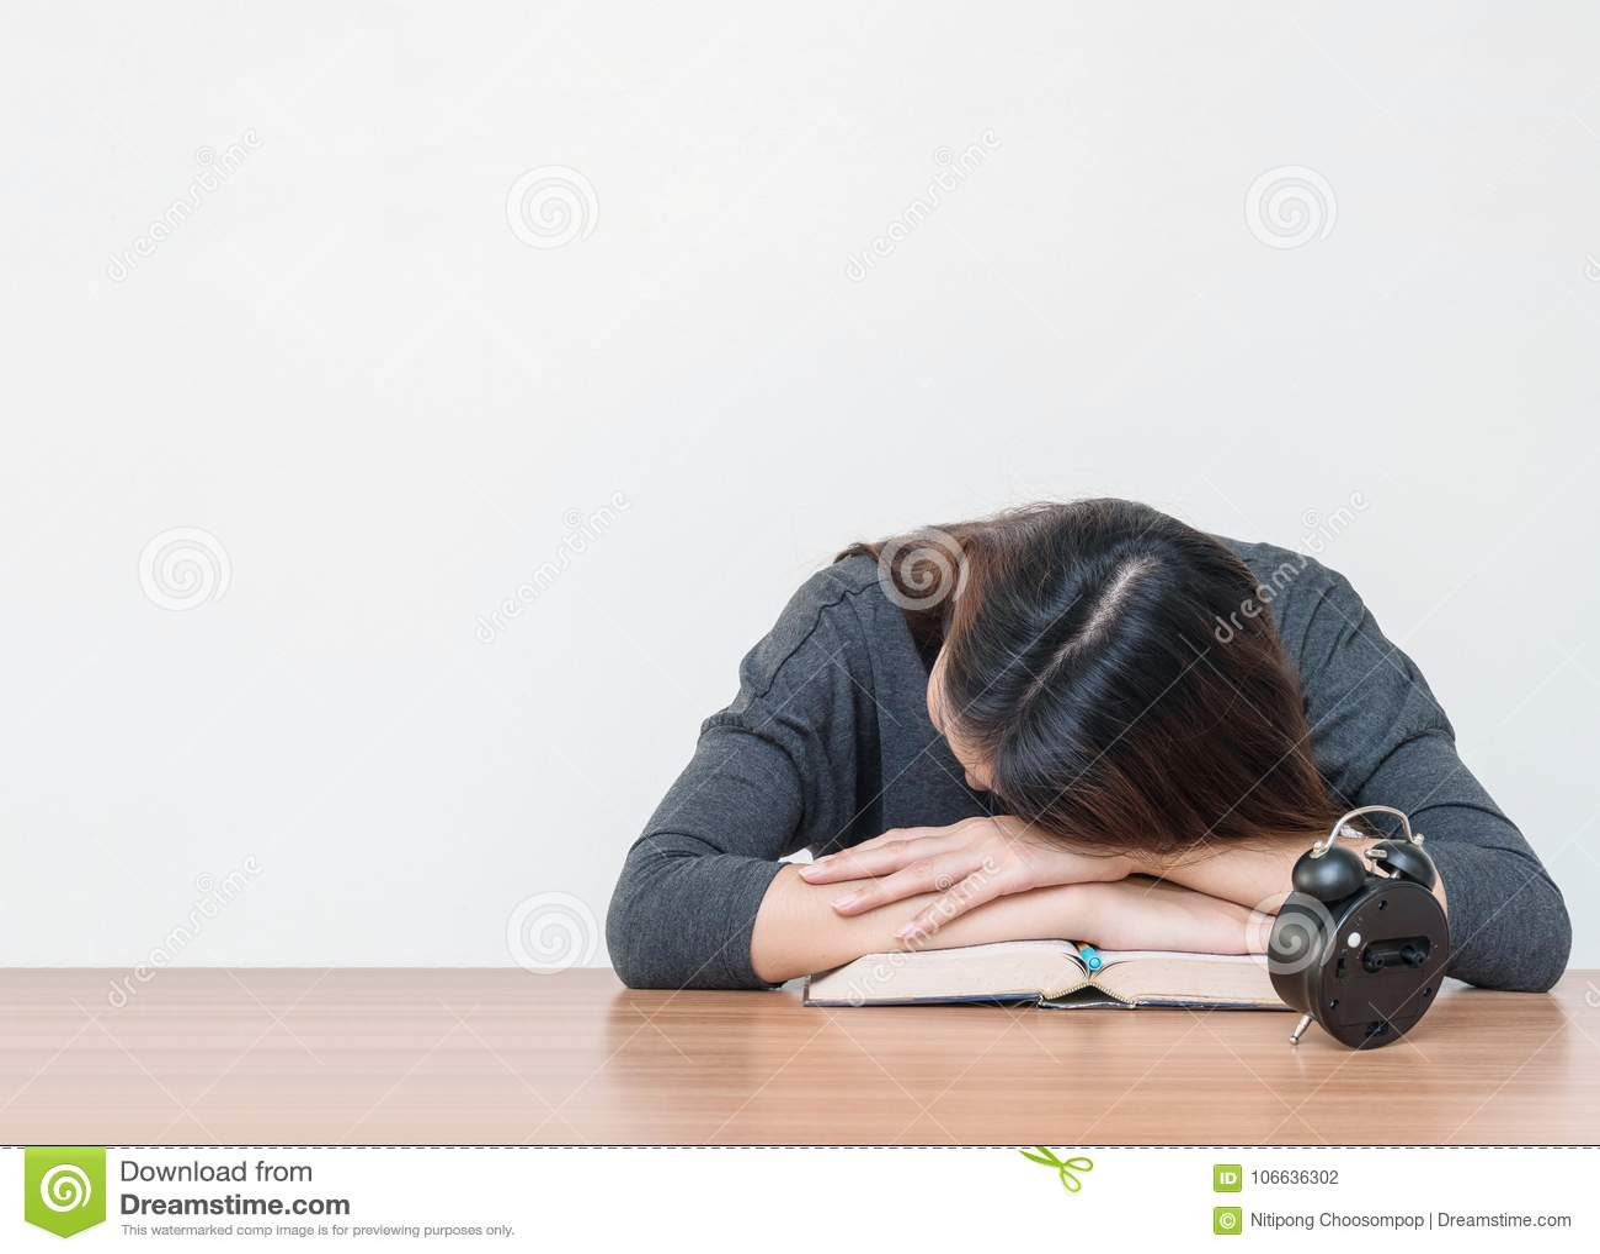 Le sommeil asiatique de femme s est par trouvé sur le bureau après qu elle ait fatigué du livre de lecture sur le bureau en bois